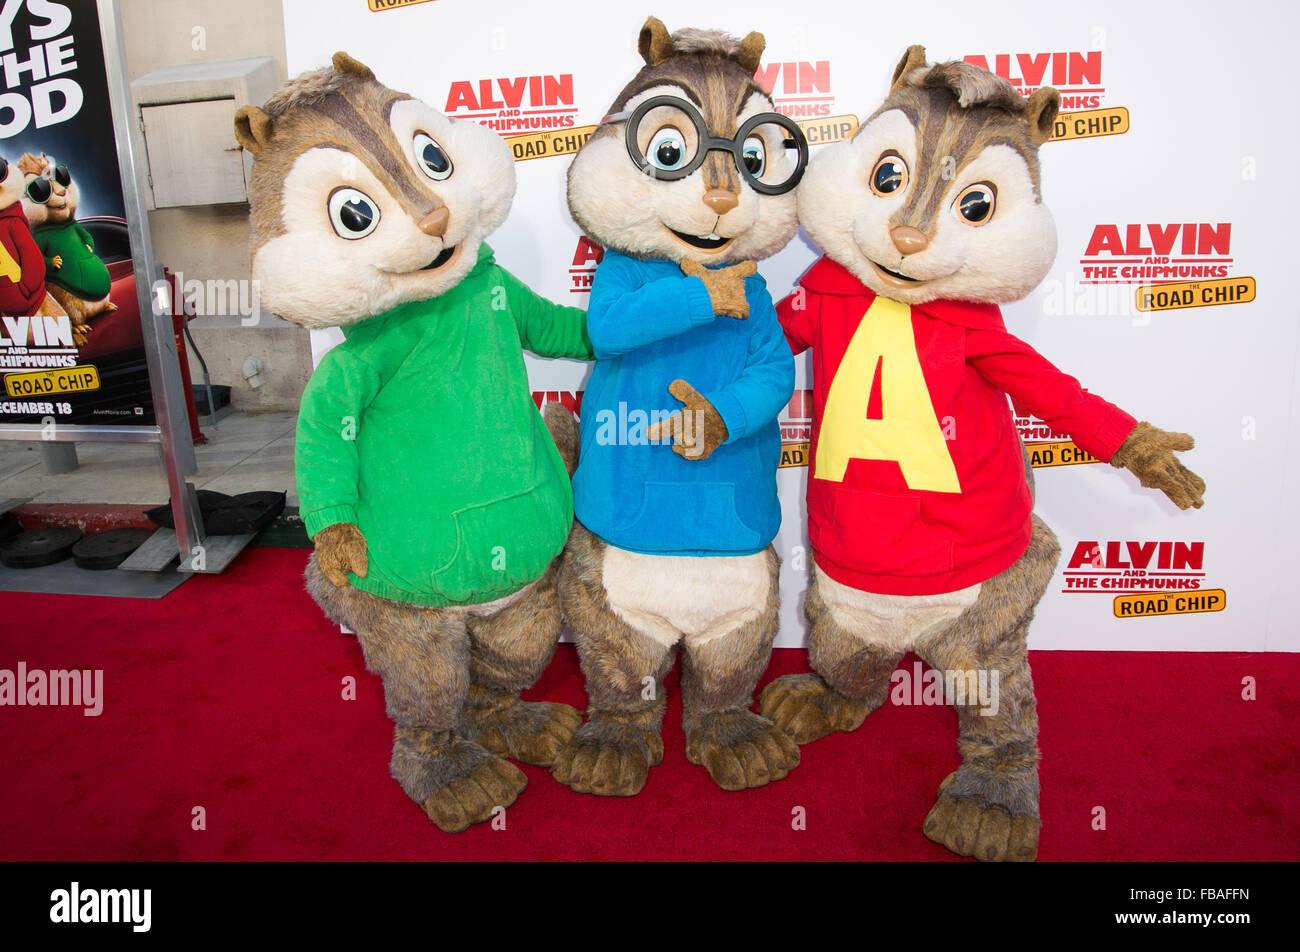 """""""Alvin und die Chipmunks: The Road-Chip"""" Premiere auf Darryl F. Zanuck Theater Featuring: Alvin und die Chipmunks wo: Los Angeles, California, Vereinigte Staaten von Amerika bei: 12. Dezember 2015 Stockfoto"""